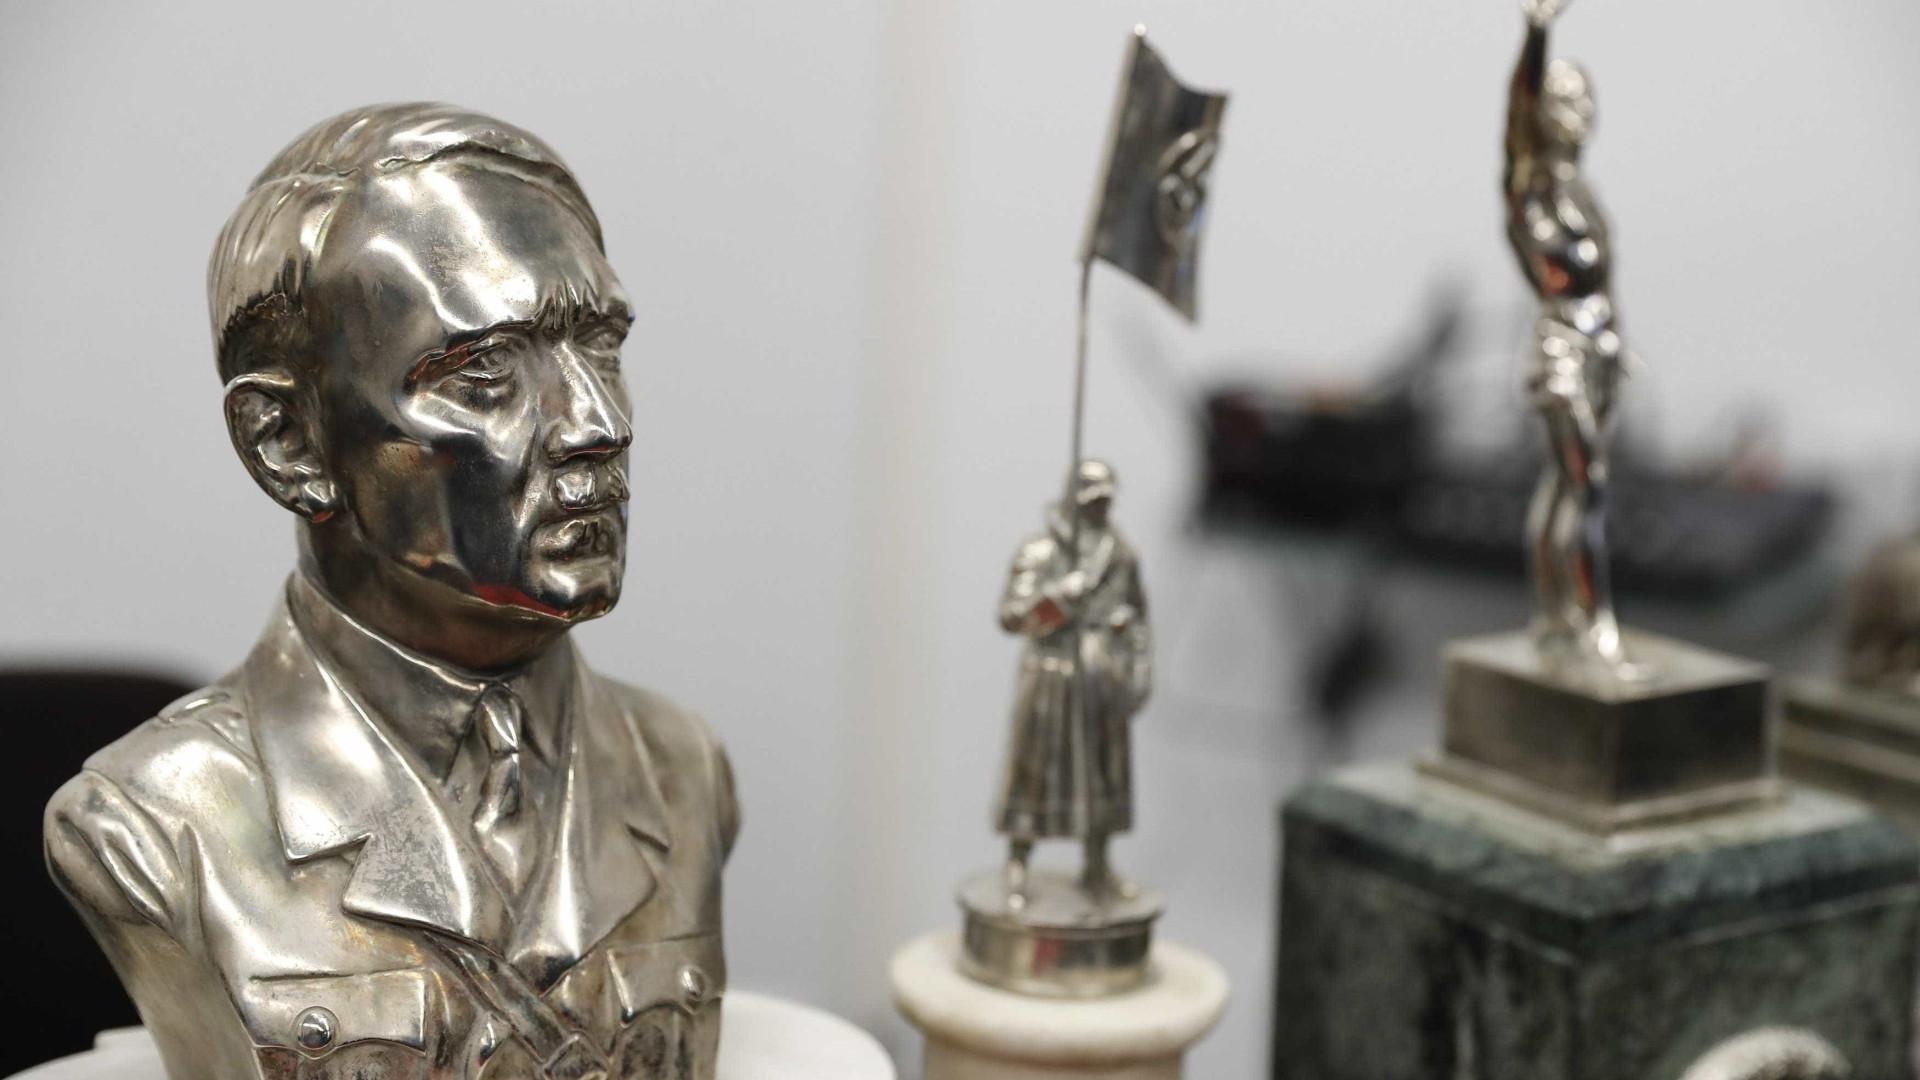 Descoberta na Argentina coleção de supostos artefactos originais nazis